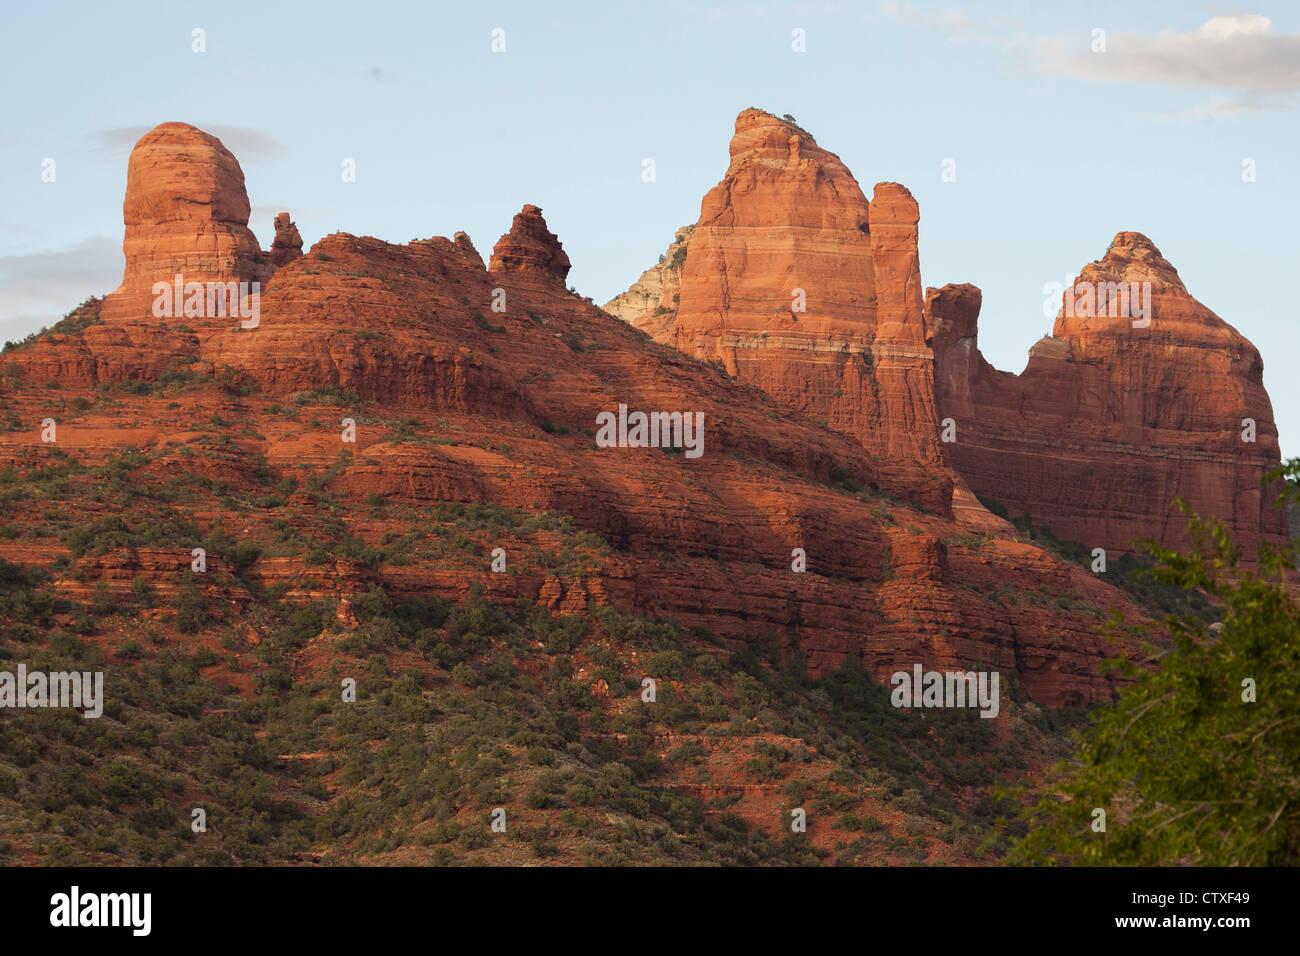 Hoodoos at Sedona,AZ - Stock Image